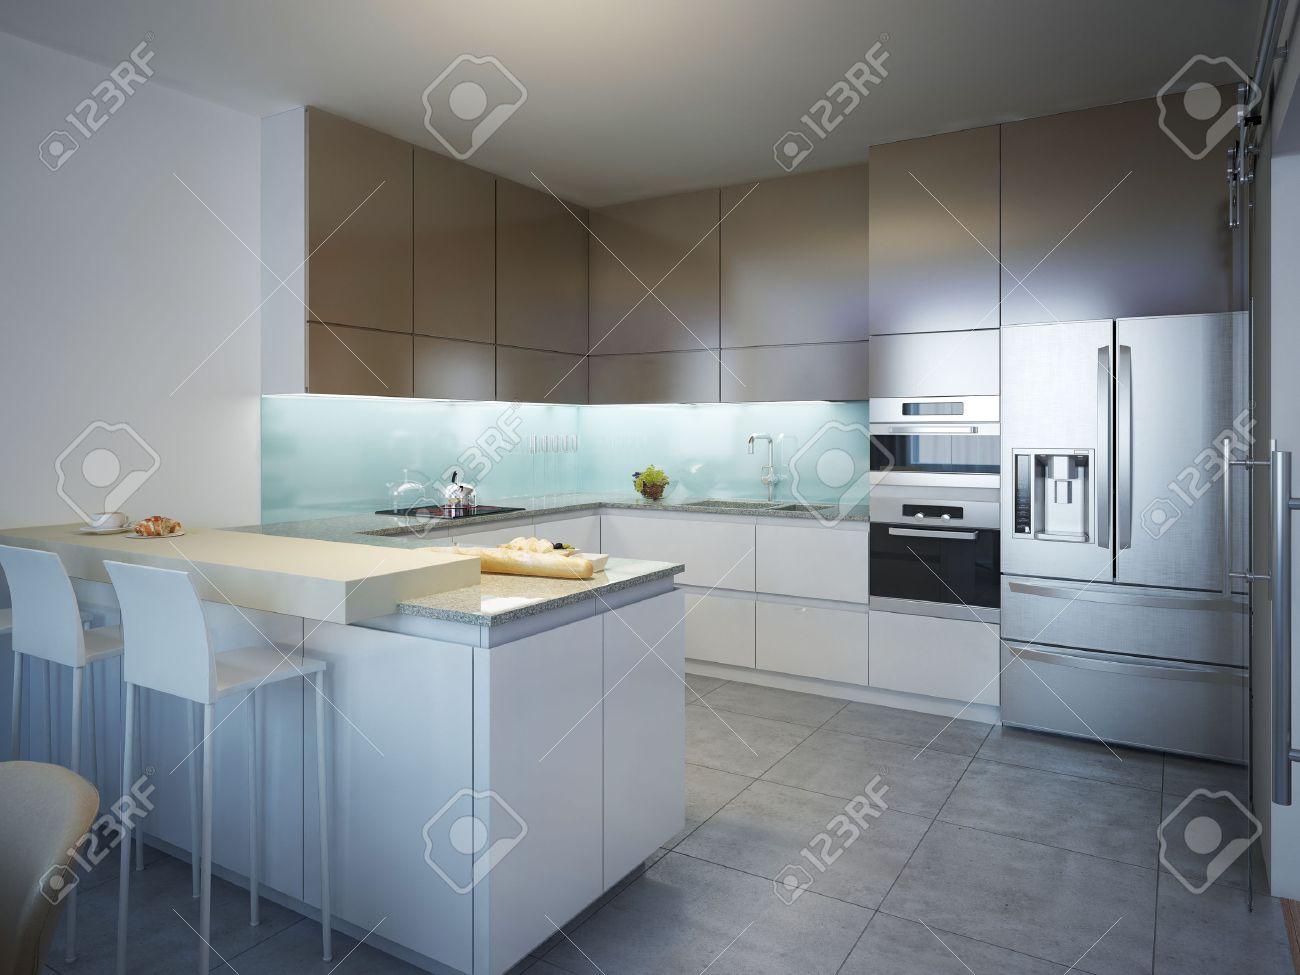 Idee Der Zeitgenössischen Küche. Küche Mit Weiß Und Braun Matt ...